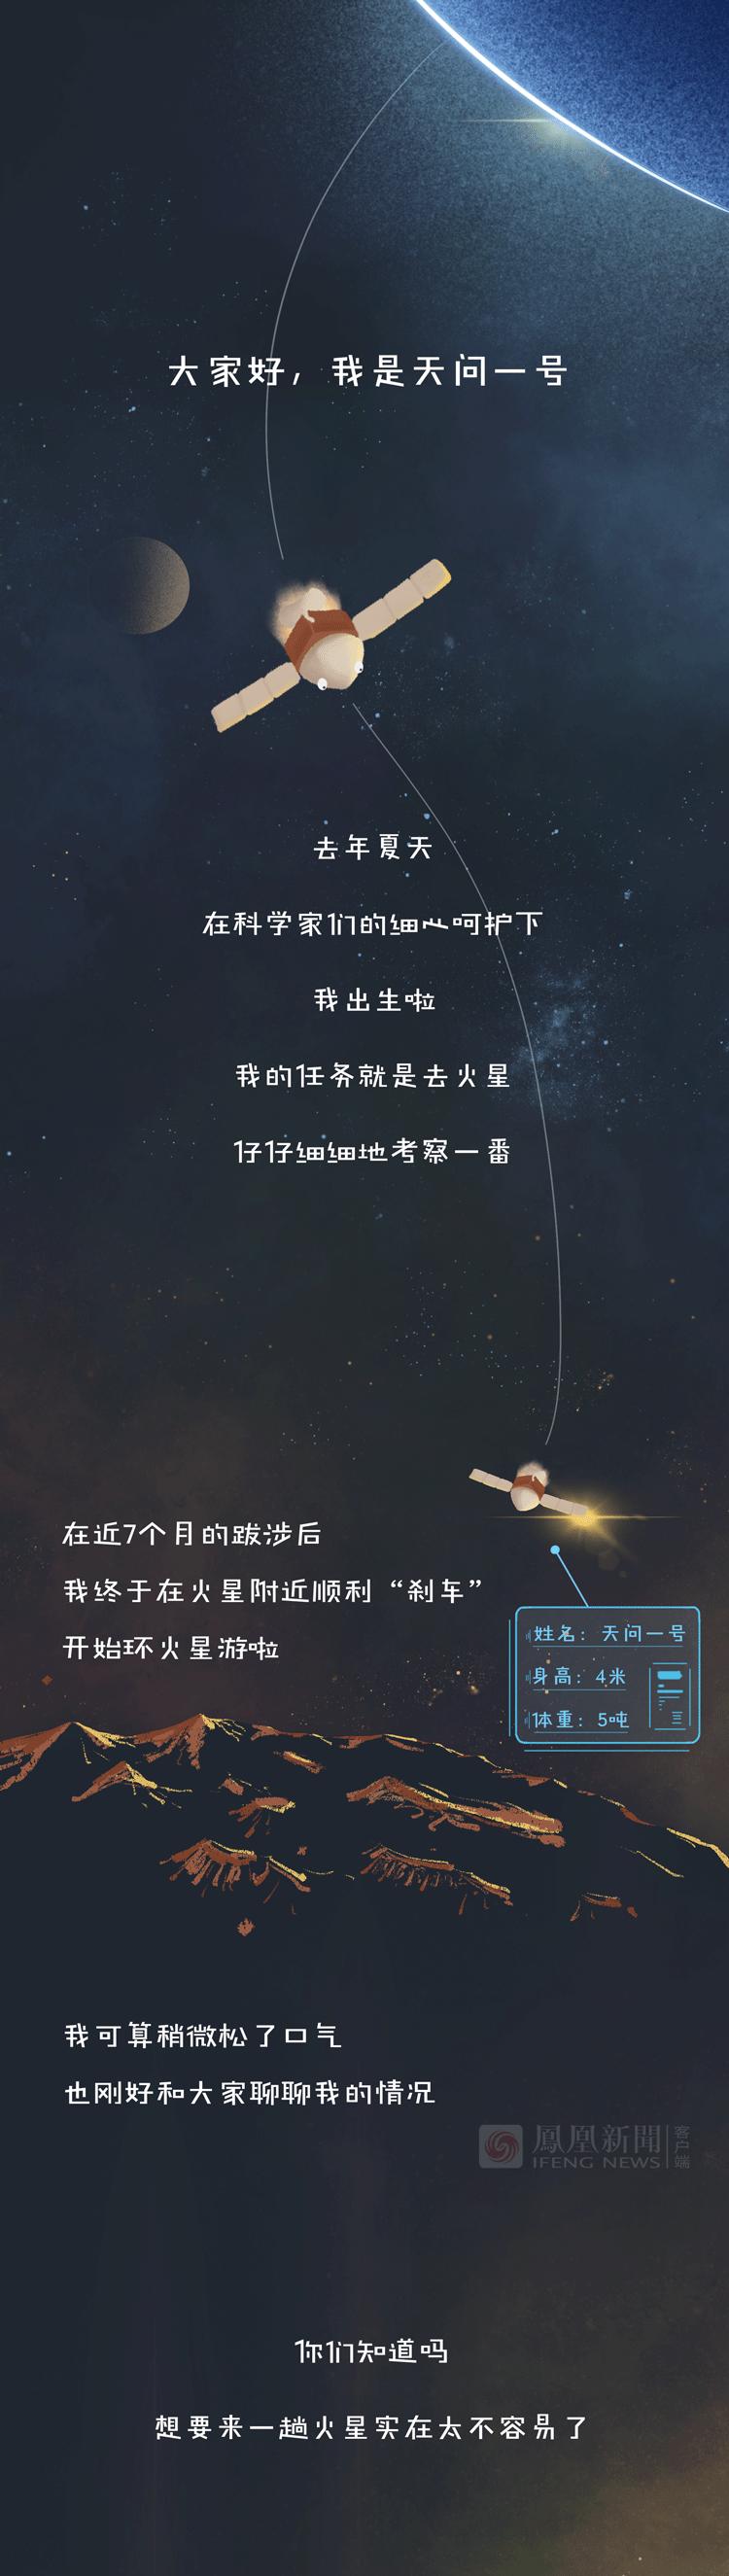 宜家水杯爆炸二审_百度优化点击软件_江淮和悦rs